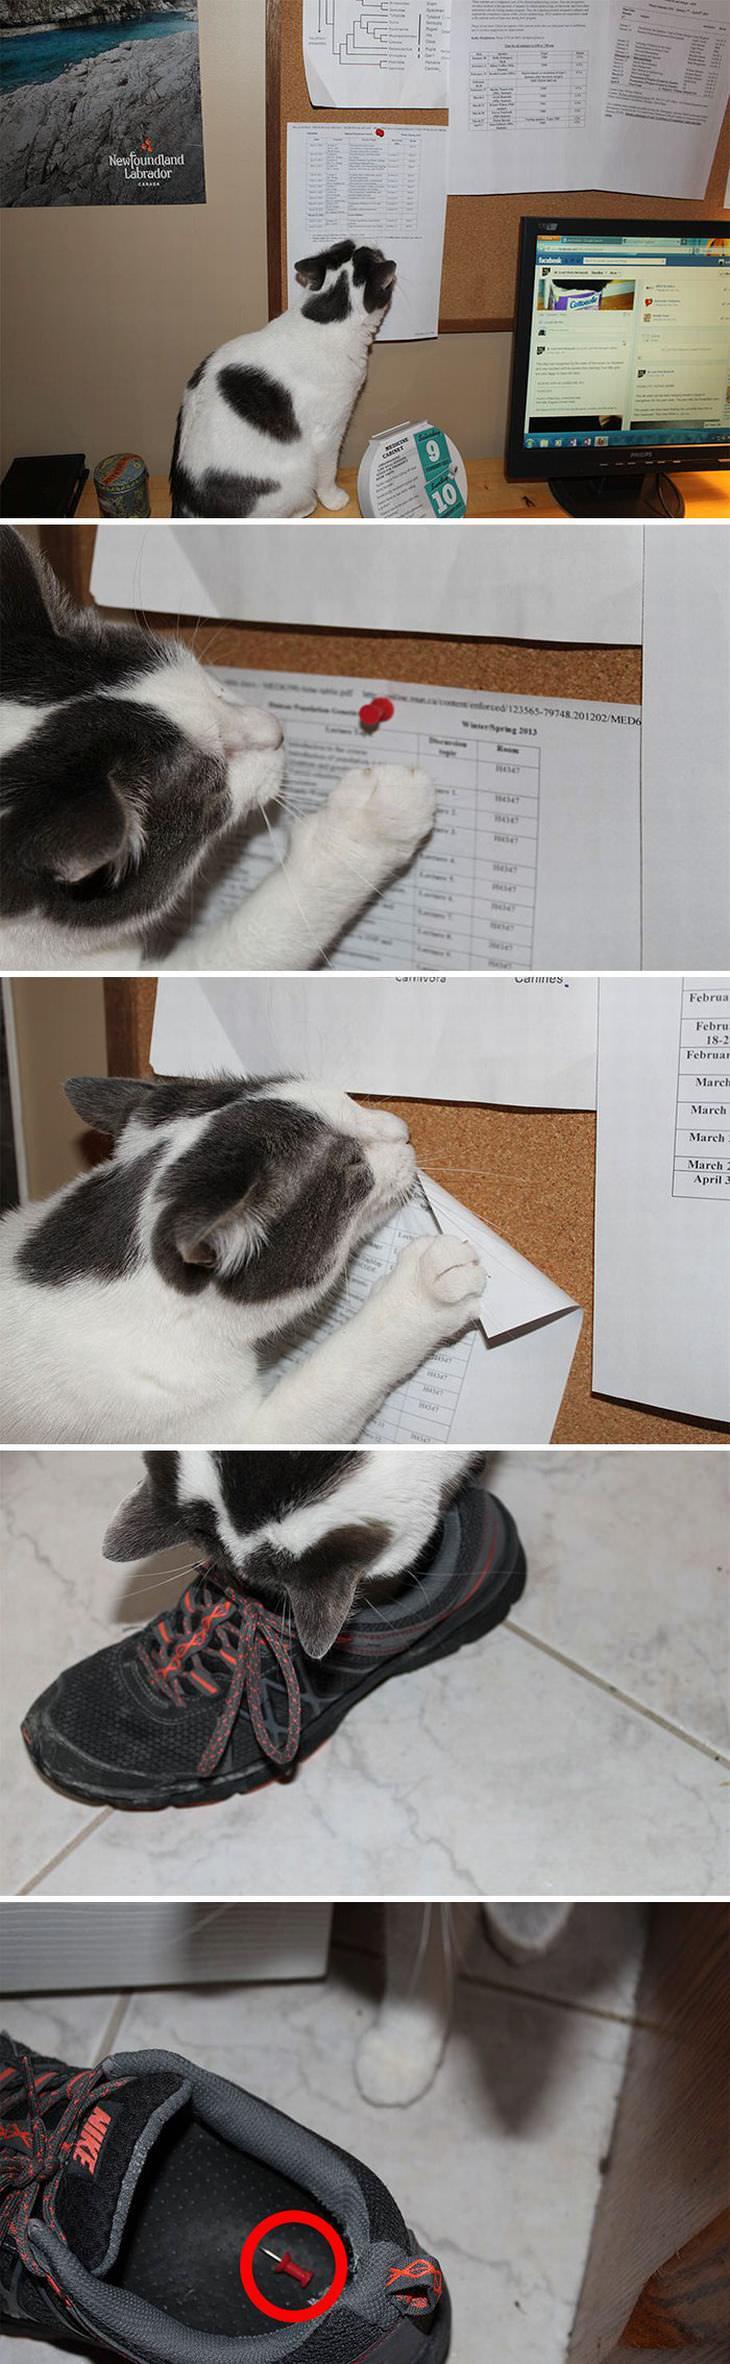 gatos maldosos